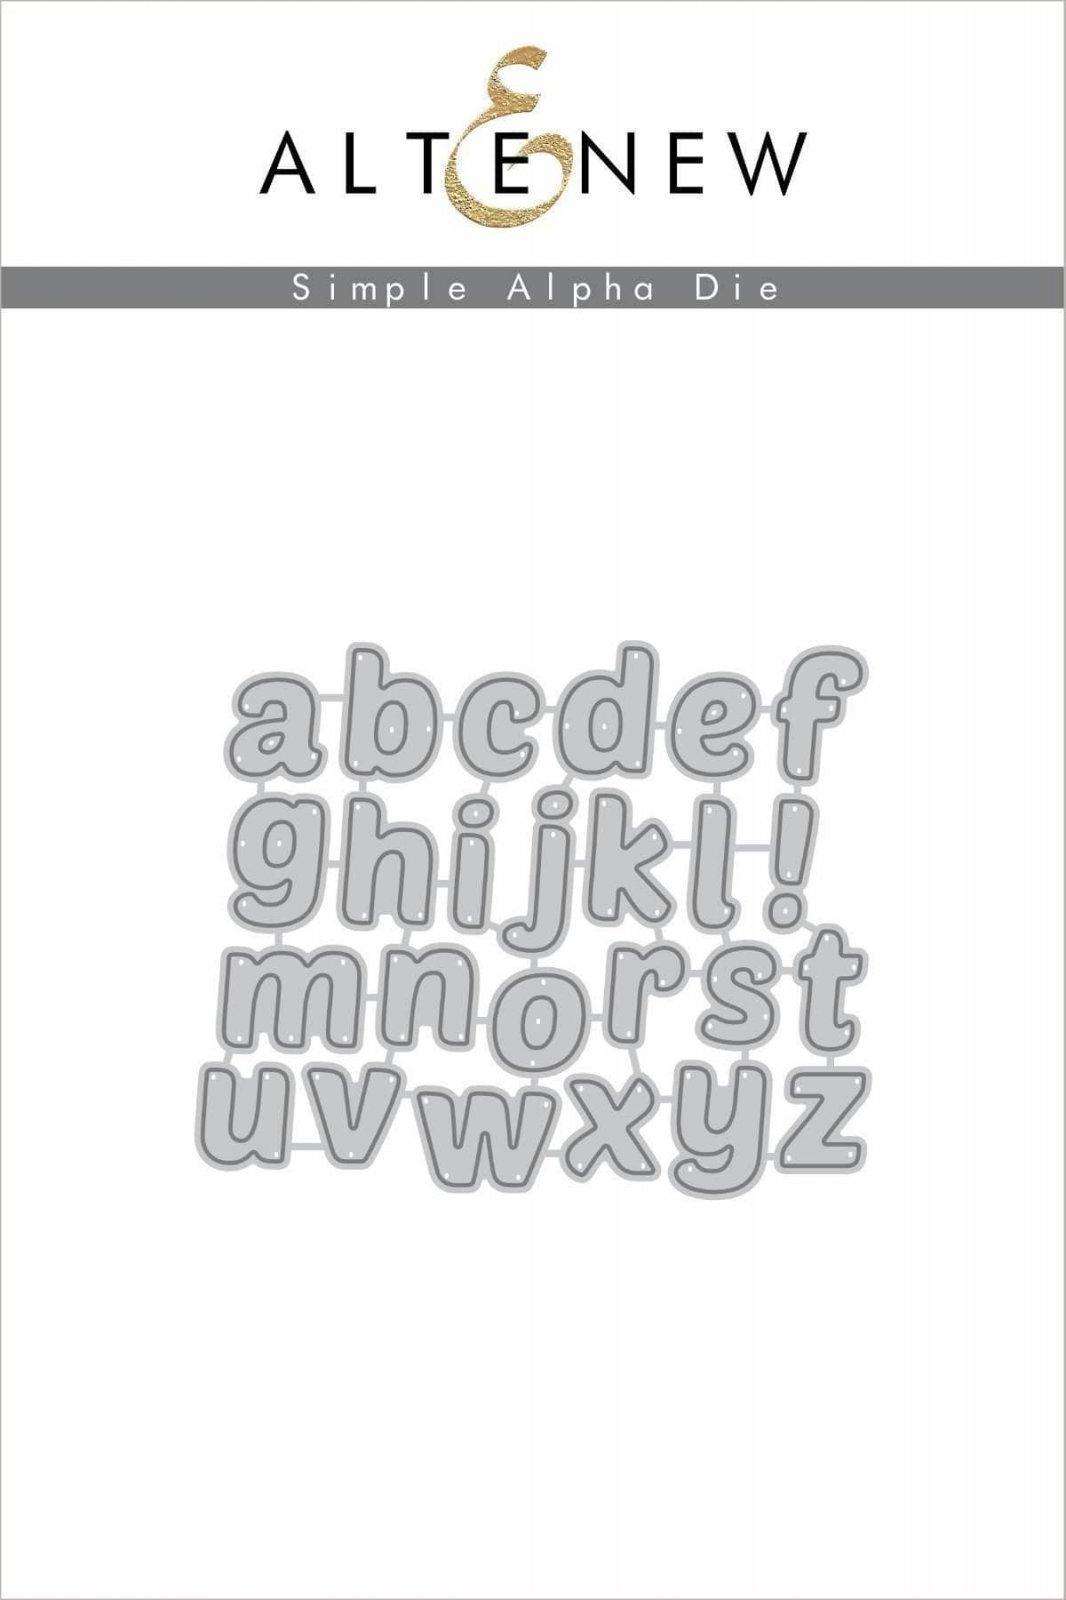 Altenew Simple Alpha Die Set